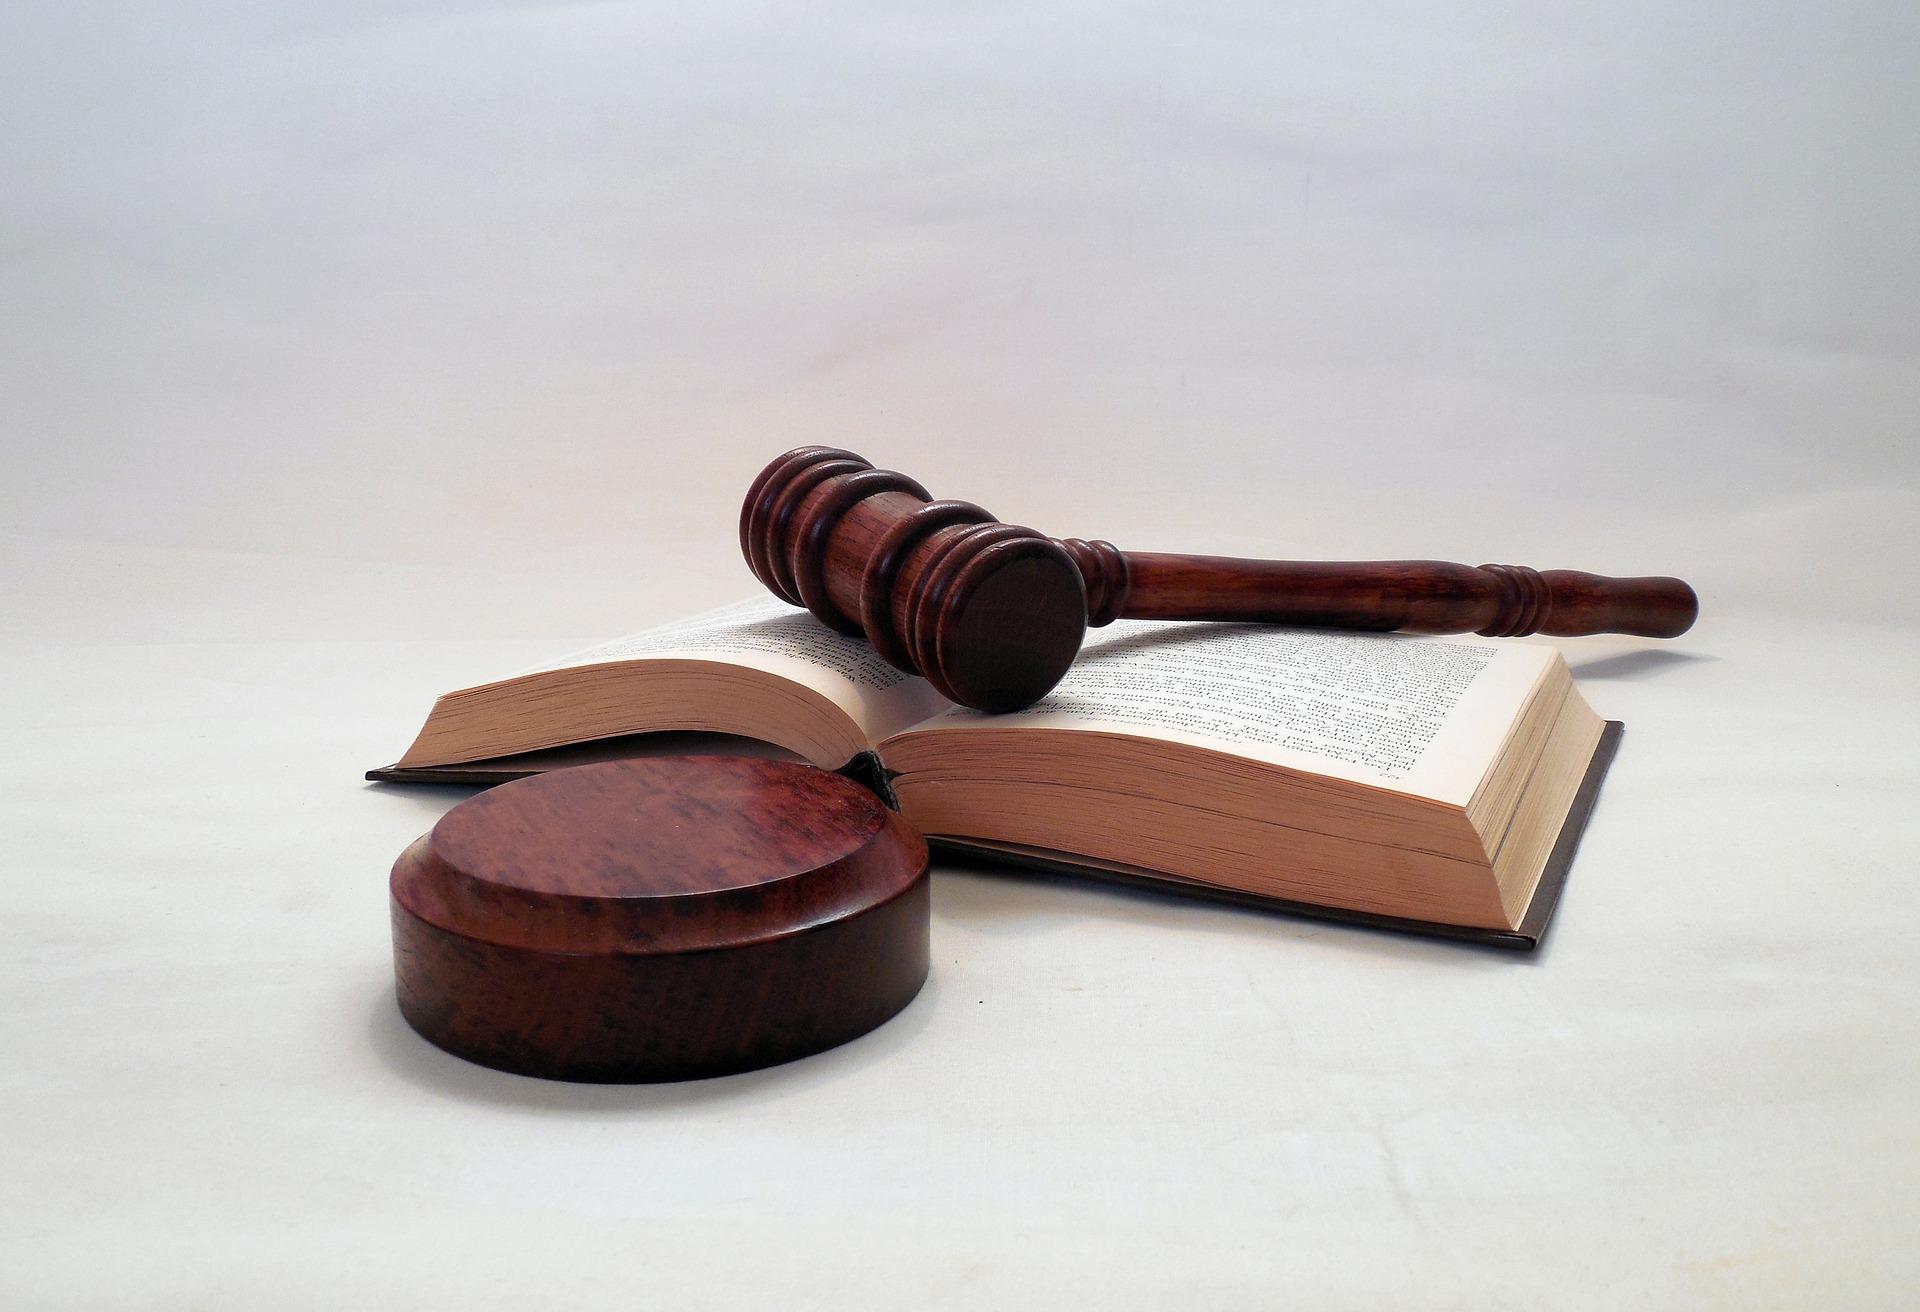 Does-Legislating-Morality-Work-6.5.17-hammer-1281735_1920.jpg